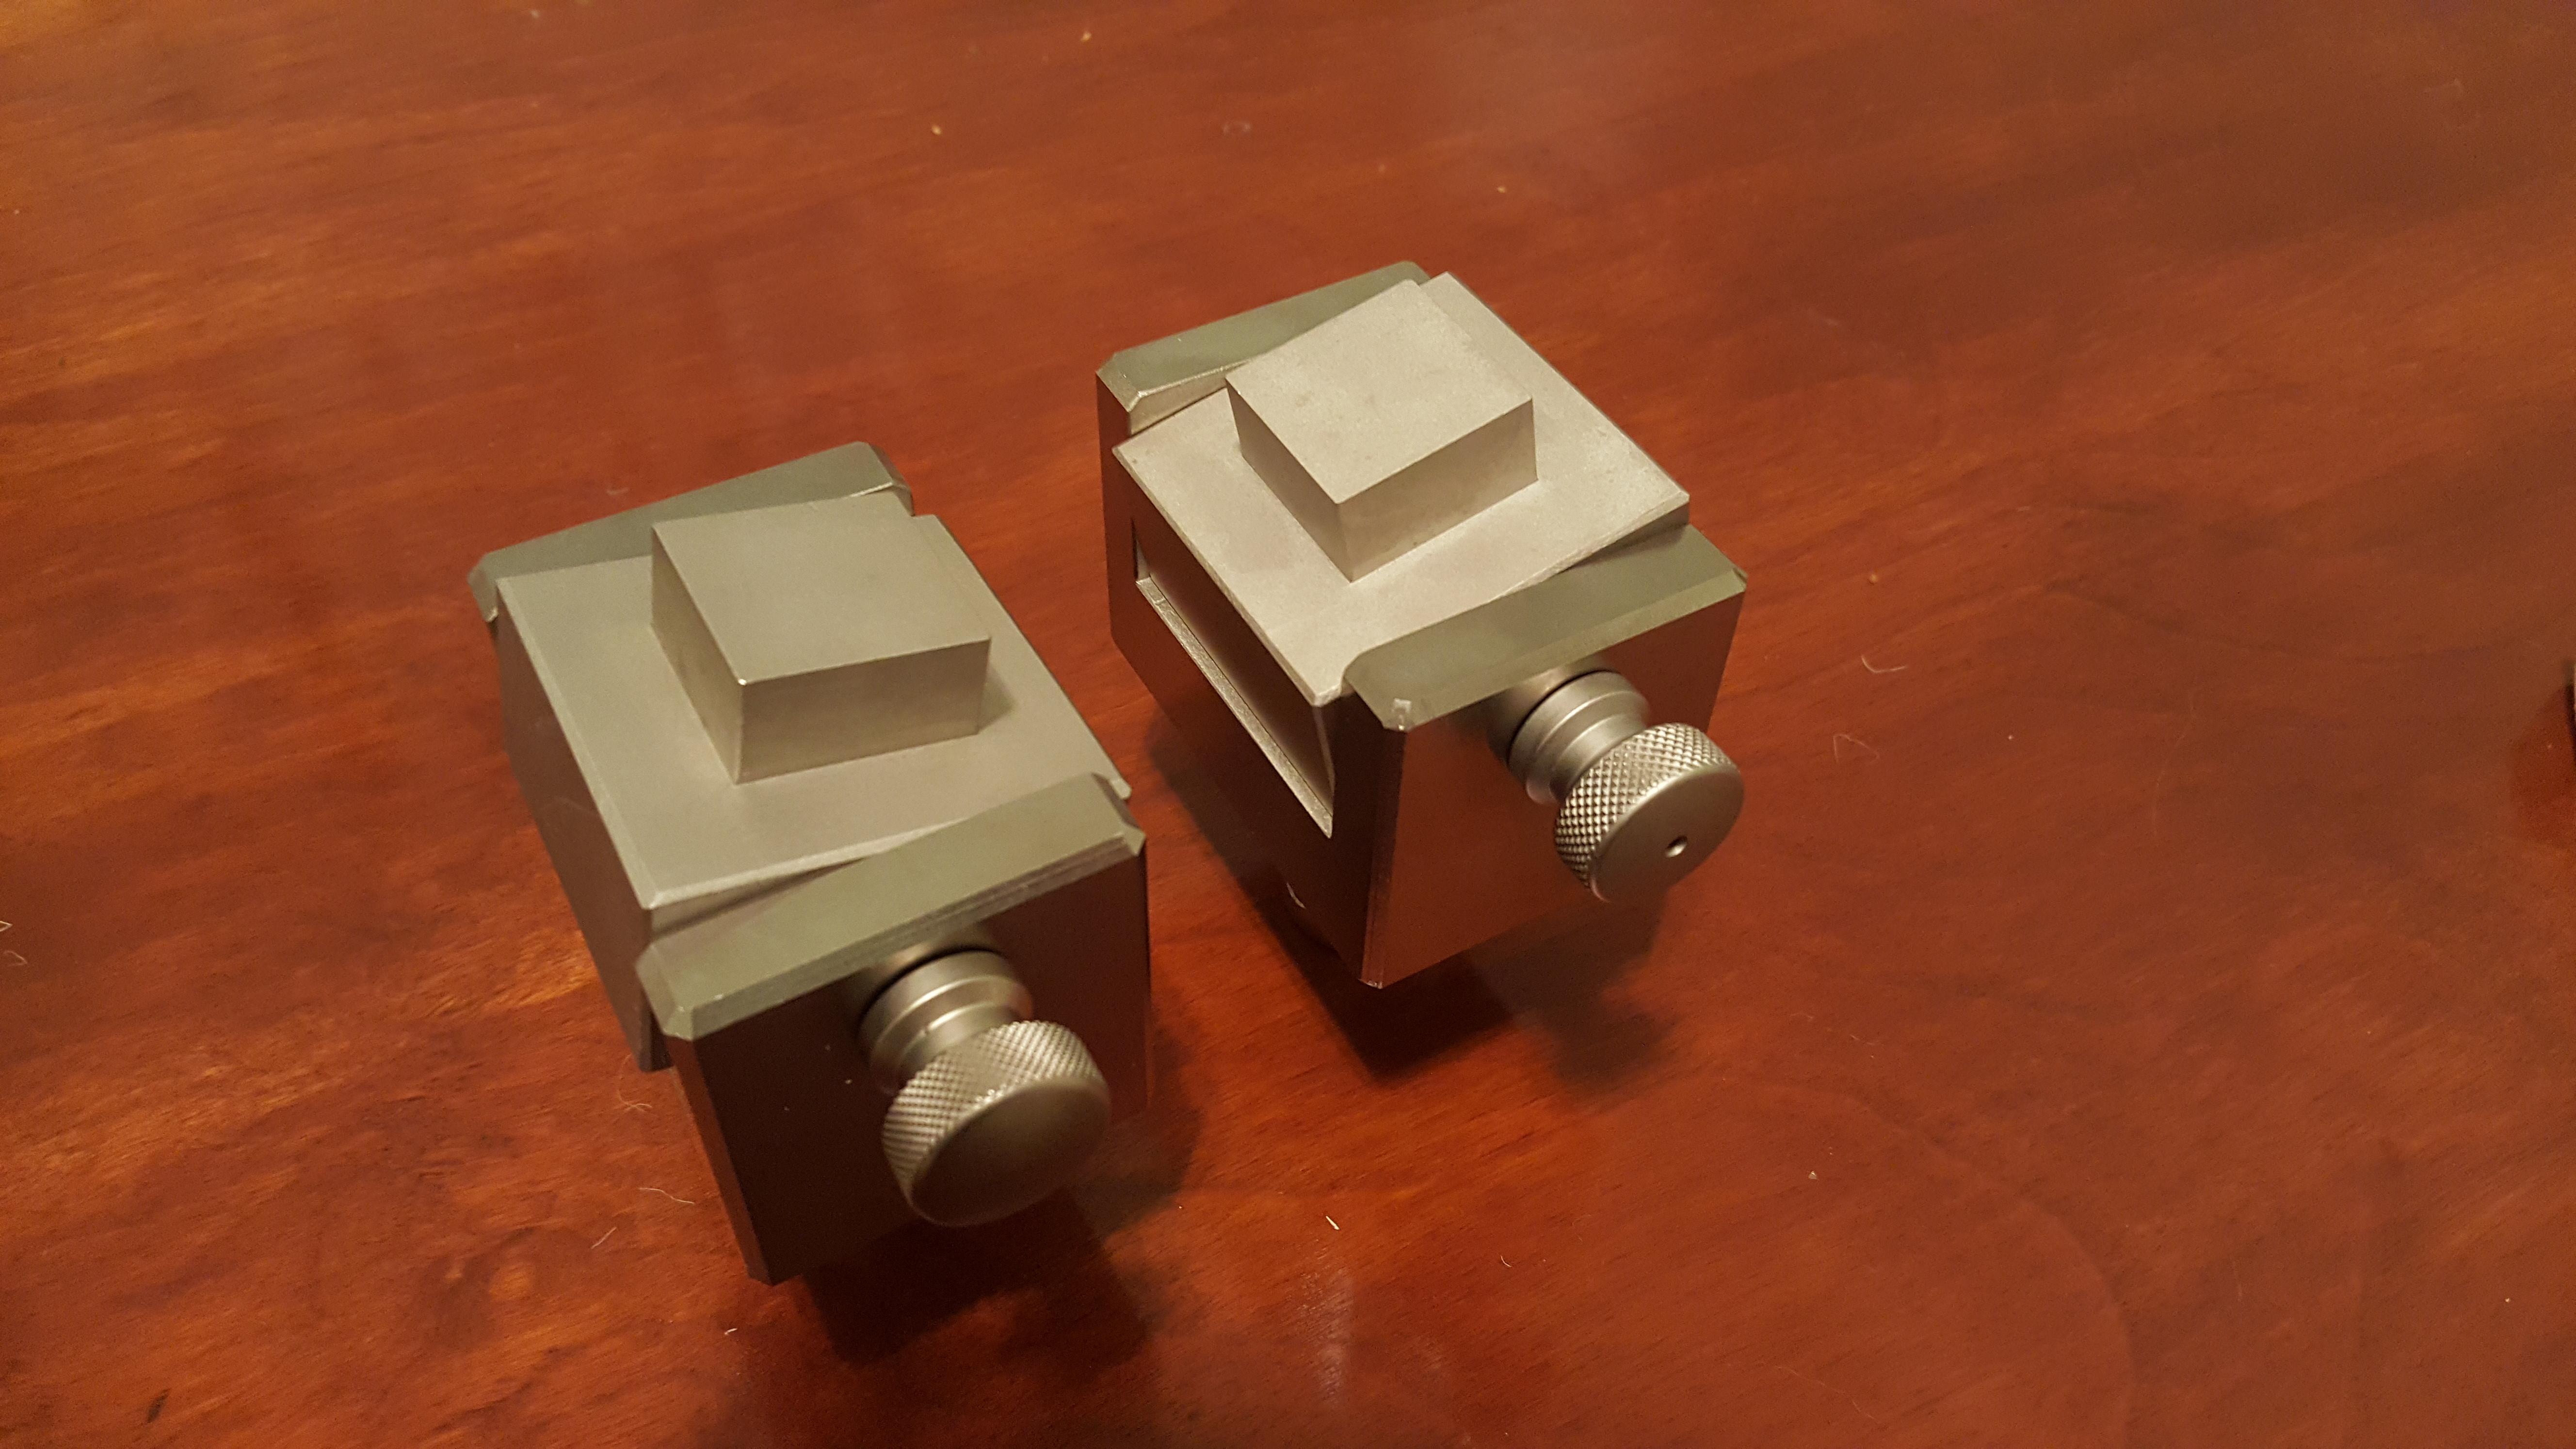 ASTM C297 Grips